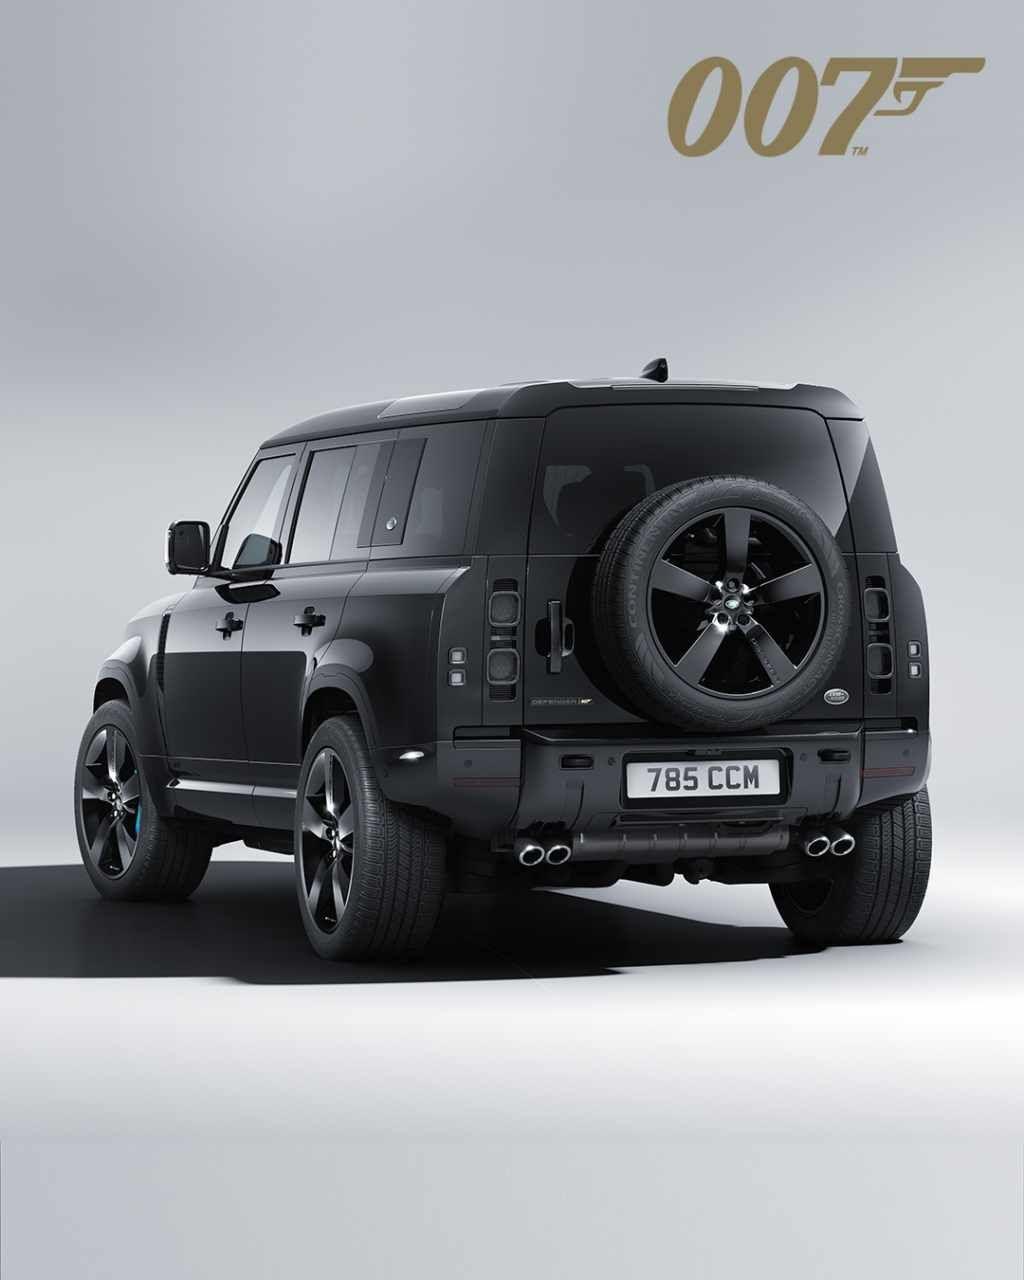 Land Rover Defender V8 James Bond Edition